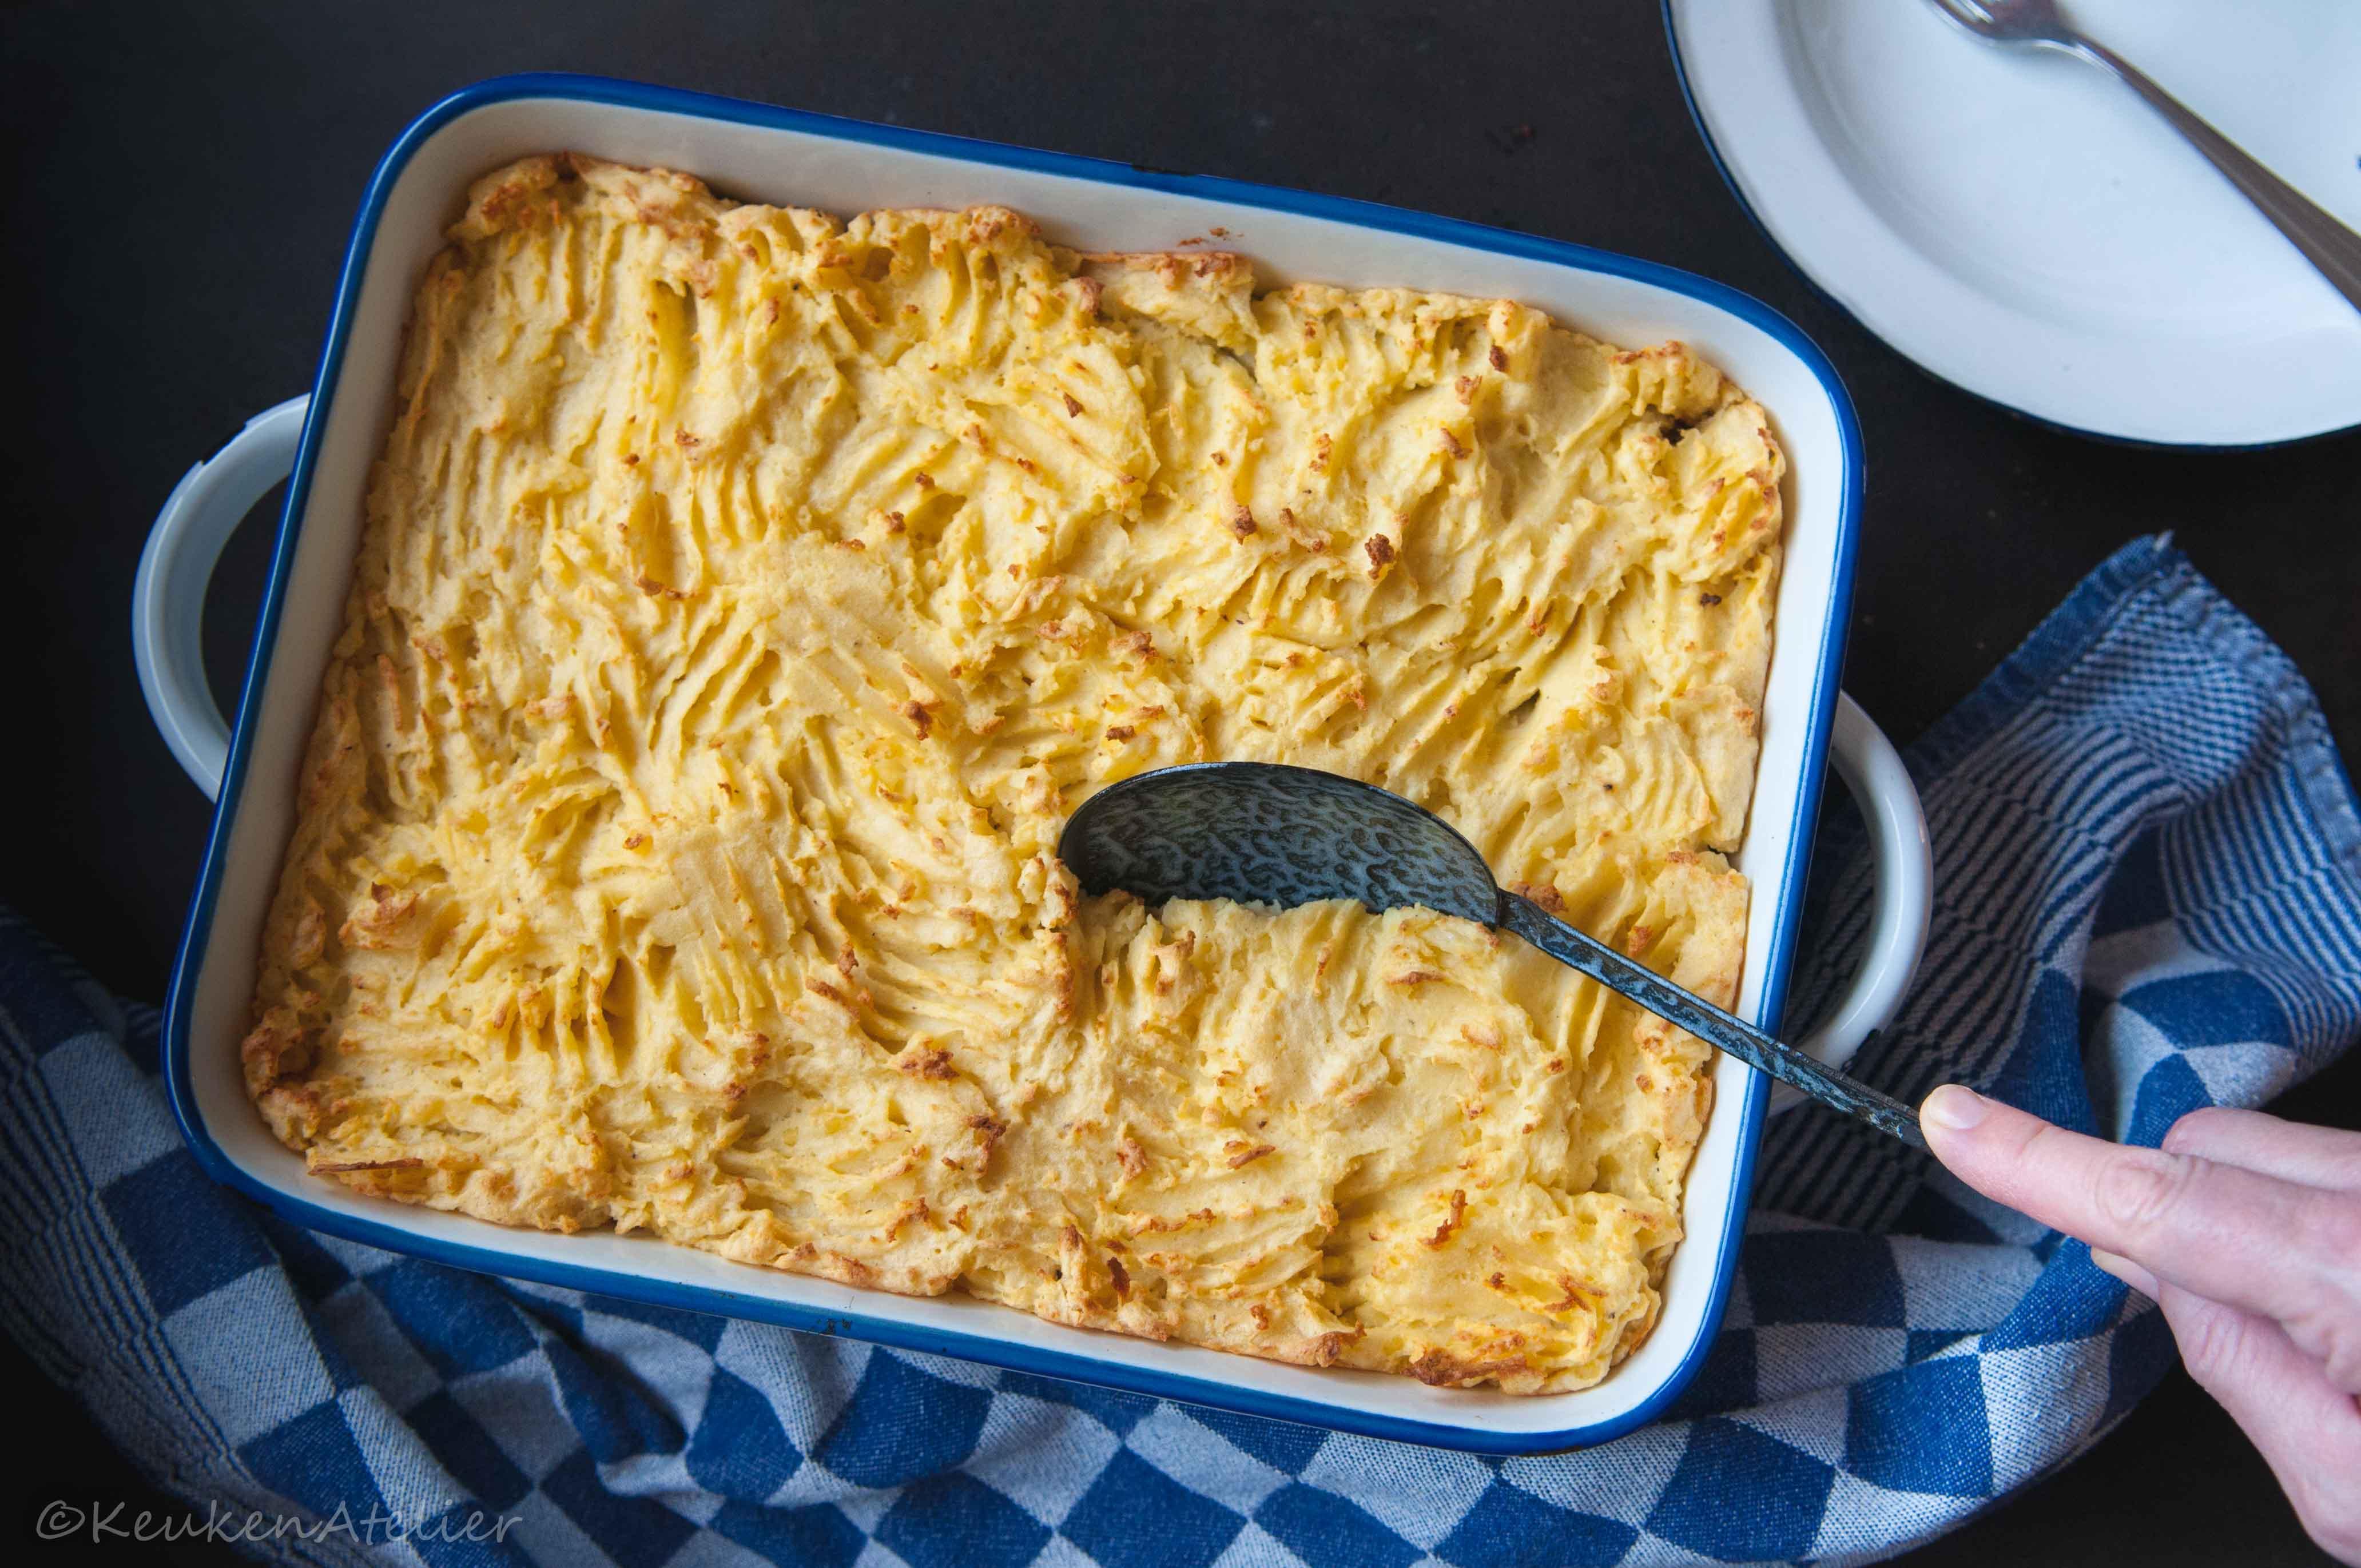 zuurkoolschotel 3 | keukenatelier.com